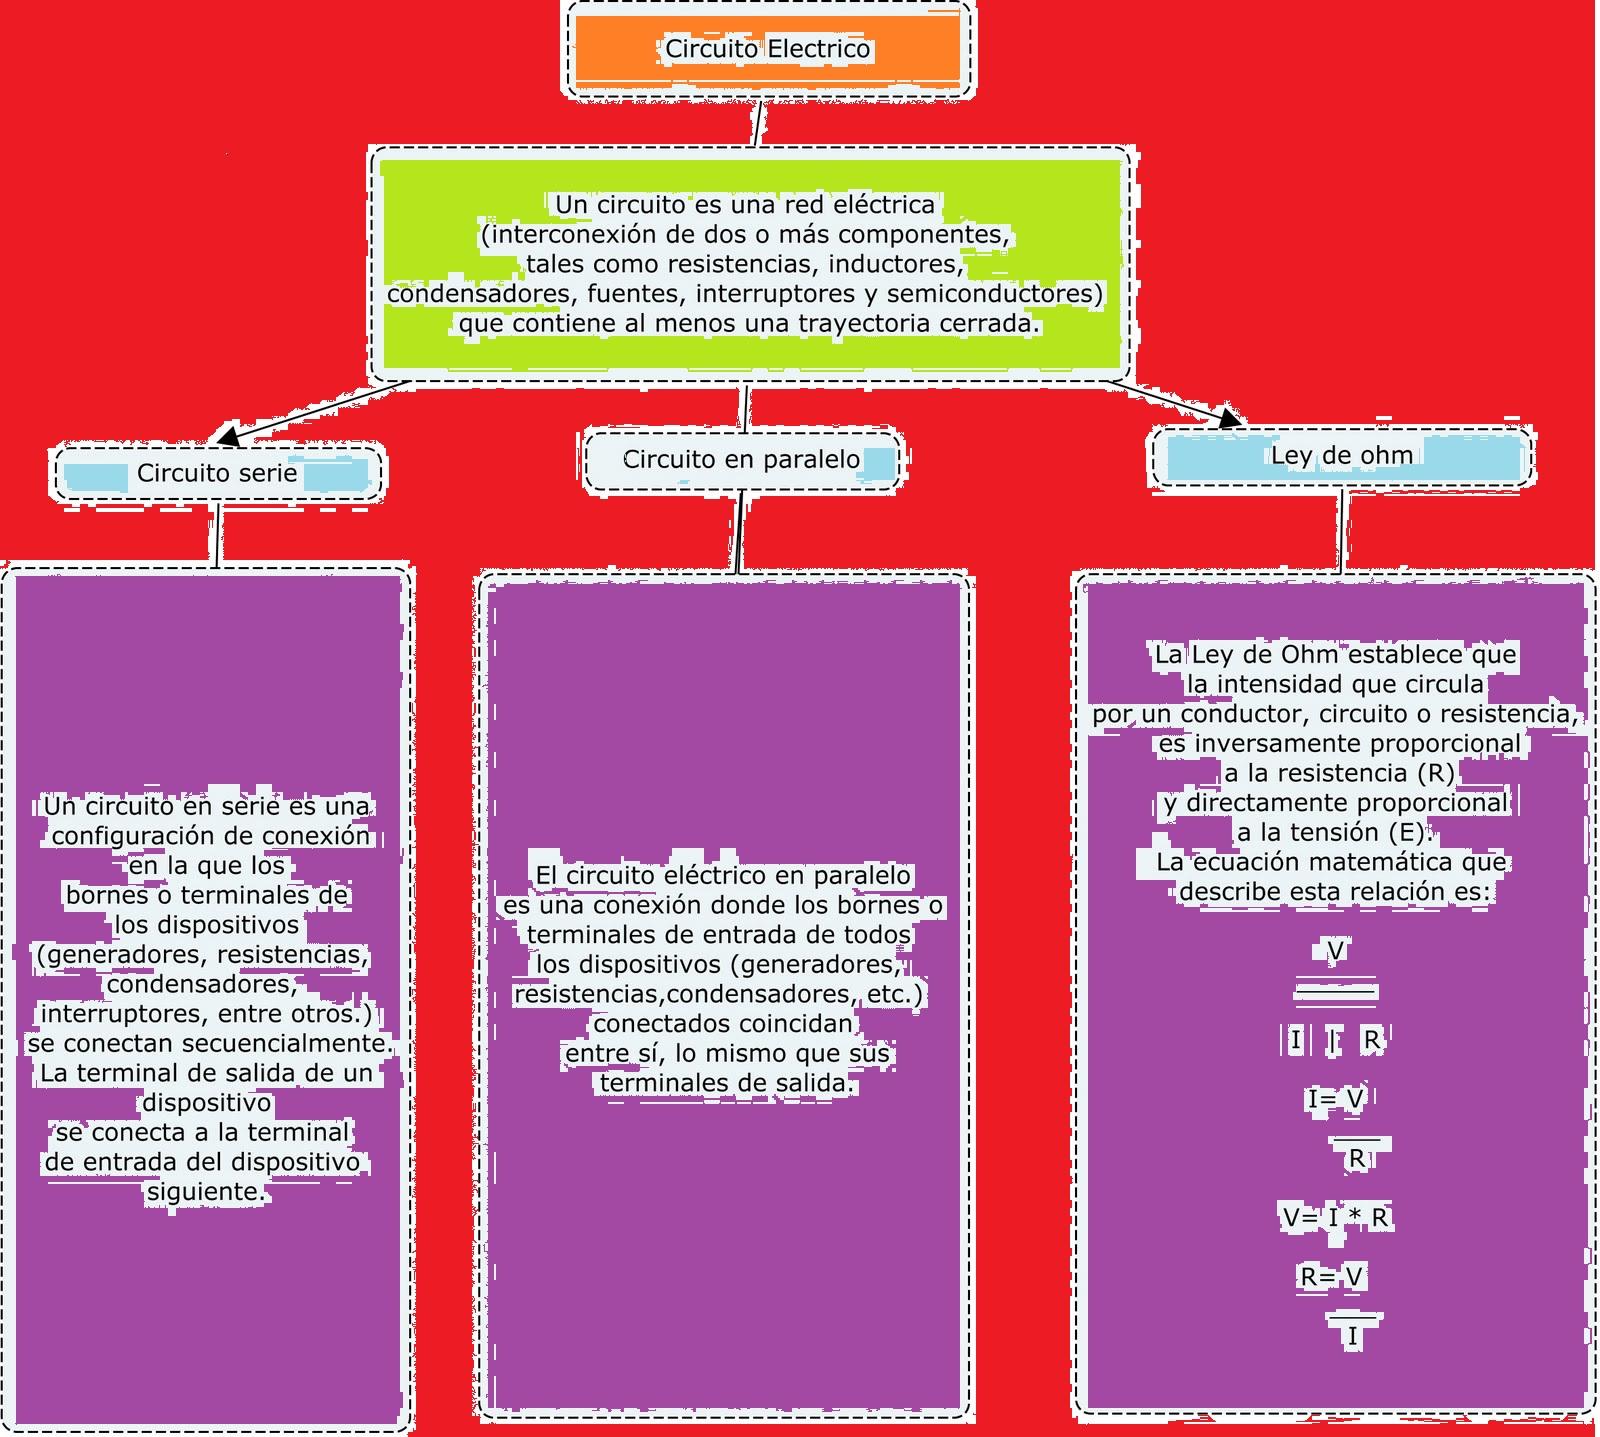 Circuito Electrico Basico : Circuitos mixtos eléctricos y ejercicios resueltos